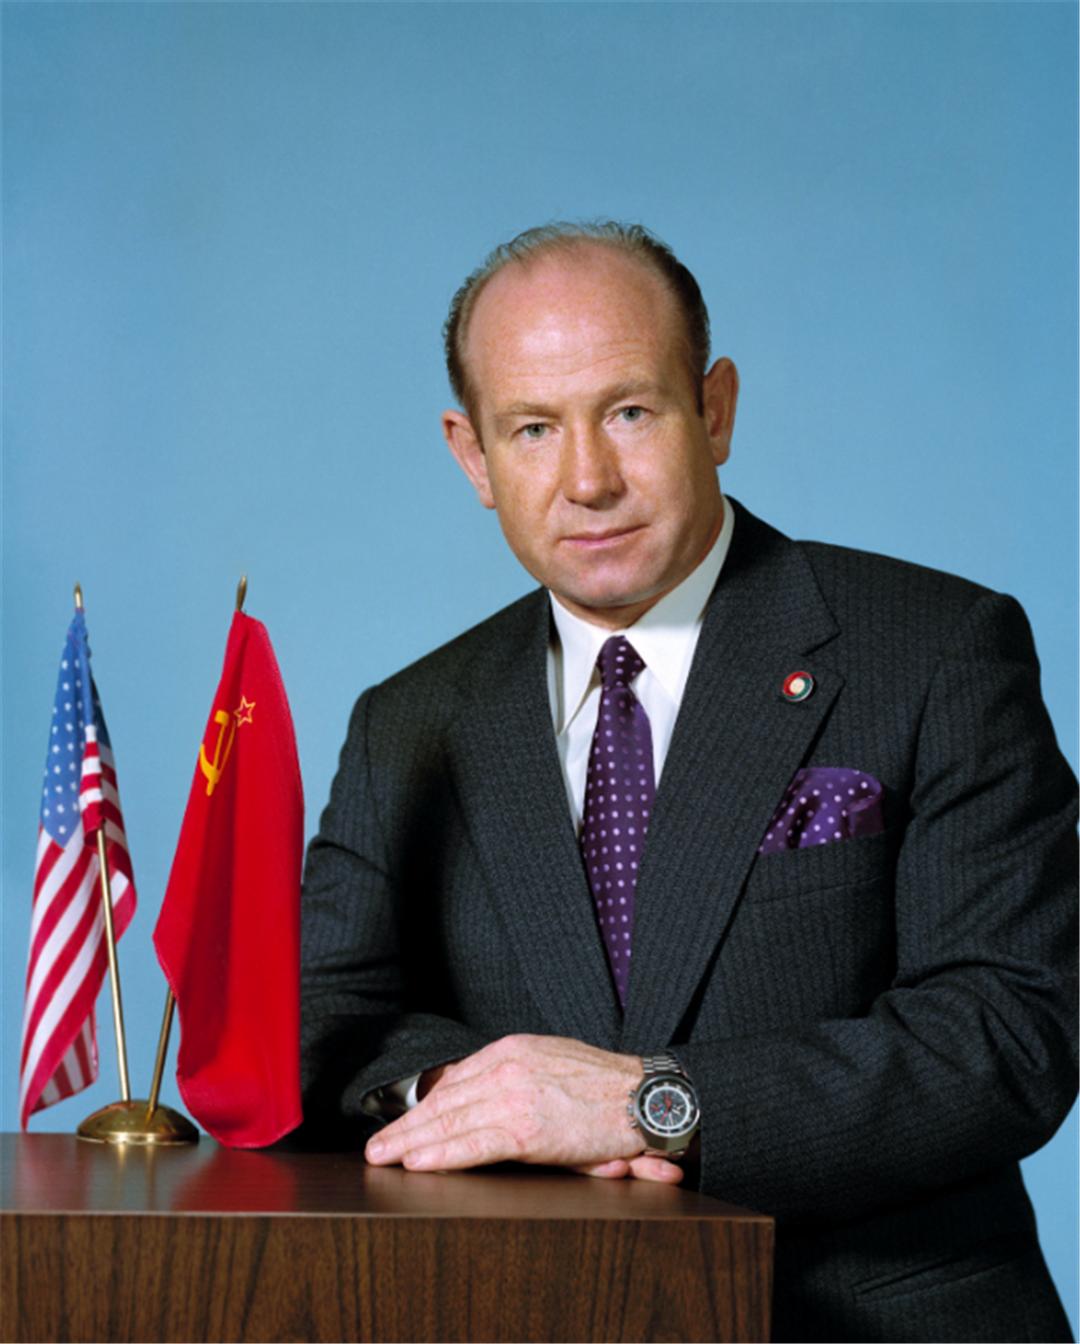 杨利伟进入太空为什么要带把枪?苏联的教训让人警醒